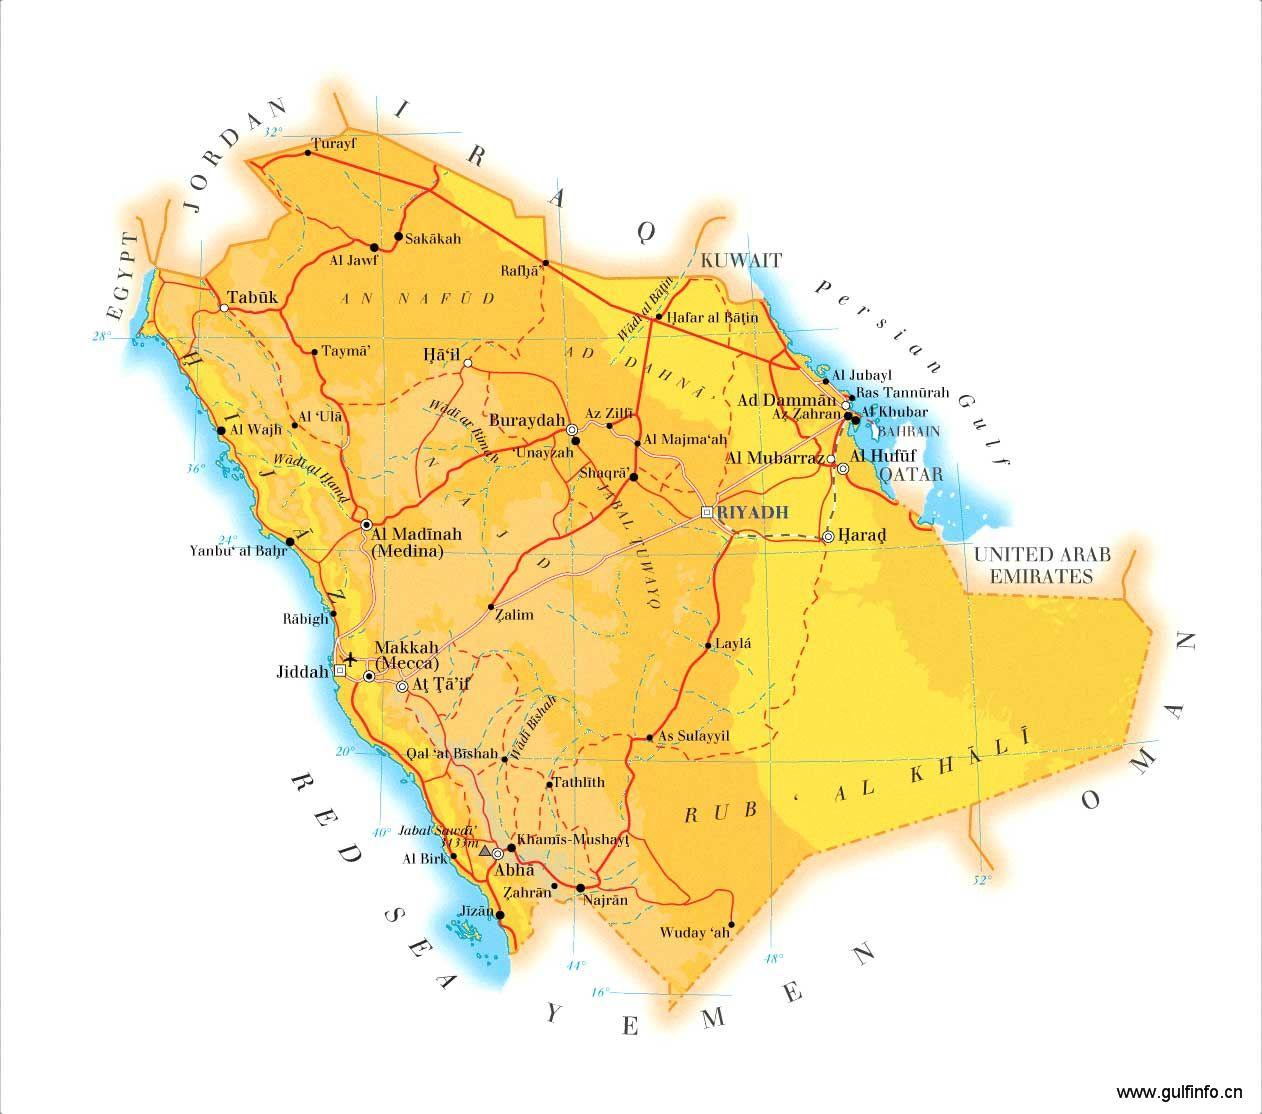 沙特物流运输业——中东&北非地区冉冉升起的明星